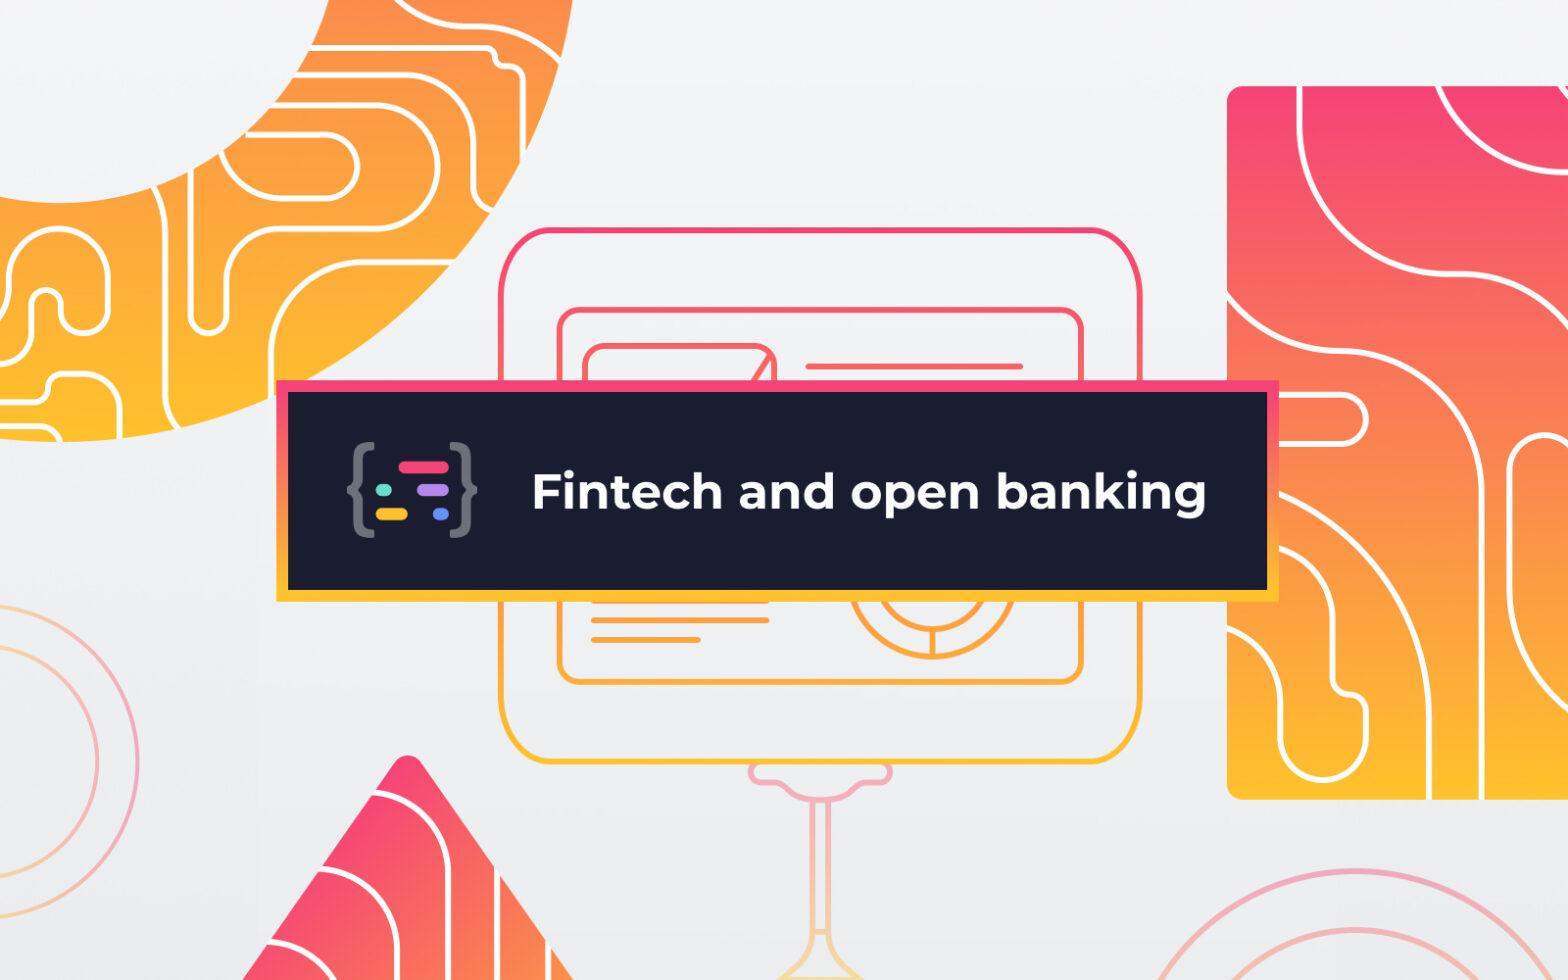 fintech openbanking